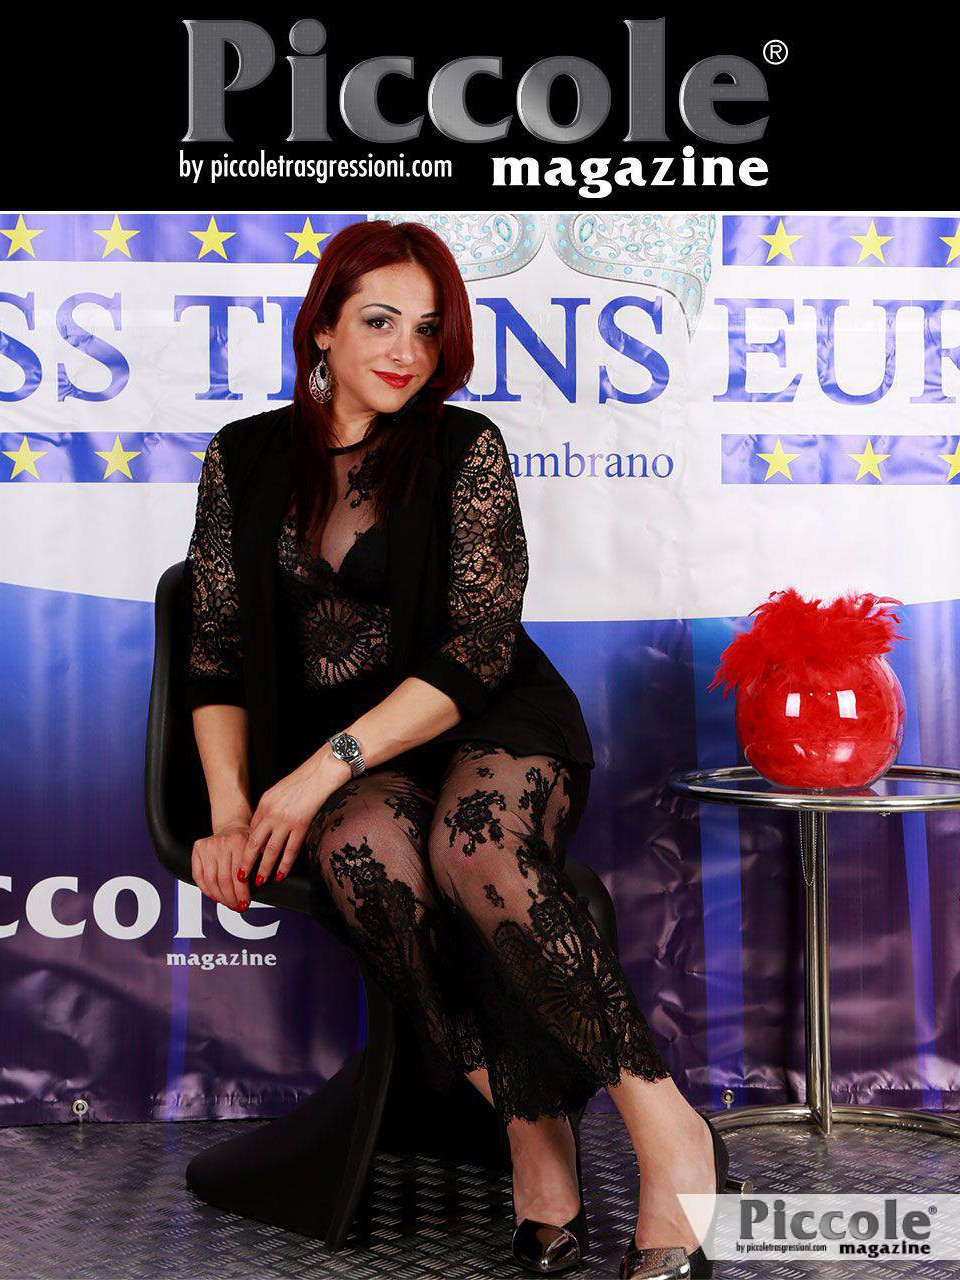 Stefania Zambrano organizzatrice del Miss Trans Europa 2018 che si svolgerà a CineCitta World